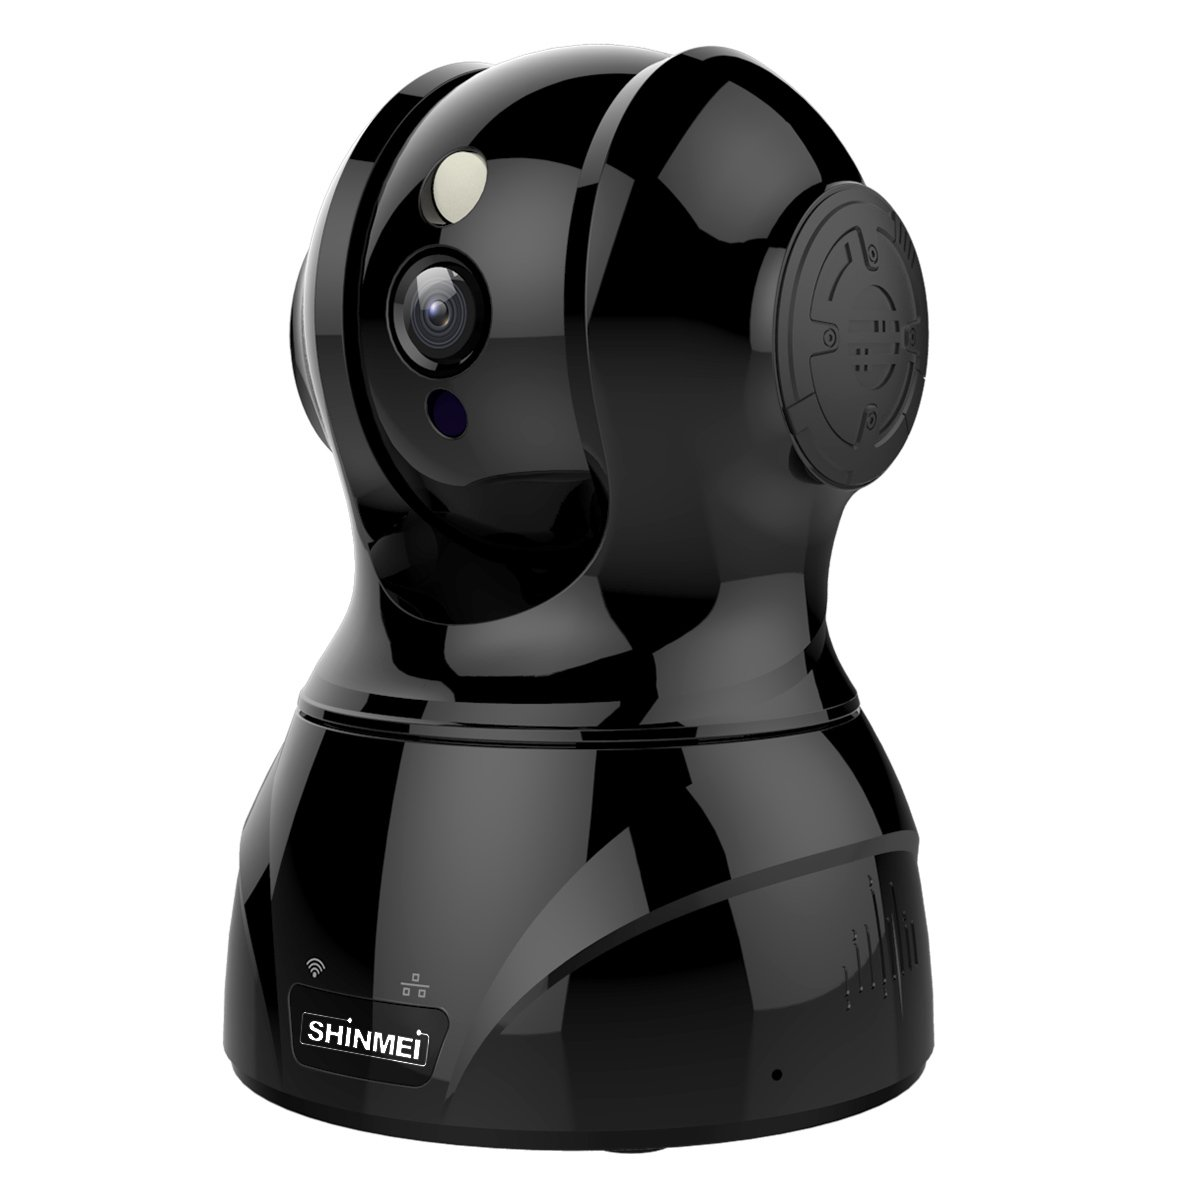 SHINMEI ネットワークカメラ 300万画素 WIFI対応 ウェブカメラ 1536P ペット カメラ 留守 ベビーモニター ワイヤレス監視カメラ 首振り式 スマートトラッキング フェイストラッキング 暗視撮影マイク内蔵 双方向音声機能 動体検知 ペット/子供/お年寄り見守り PSE&技術基準適合証明認証済み(黒) B07DRDLYL1 黒 黒